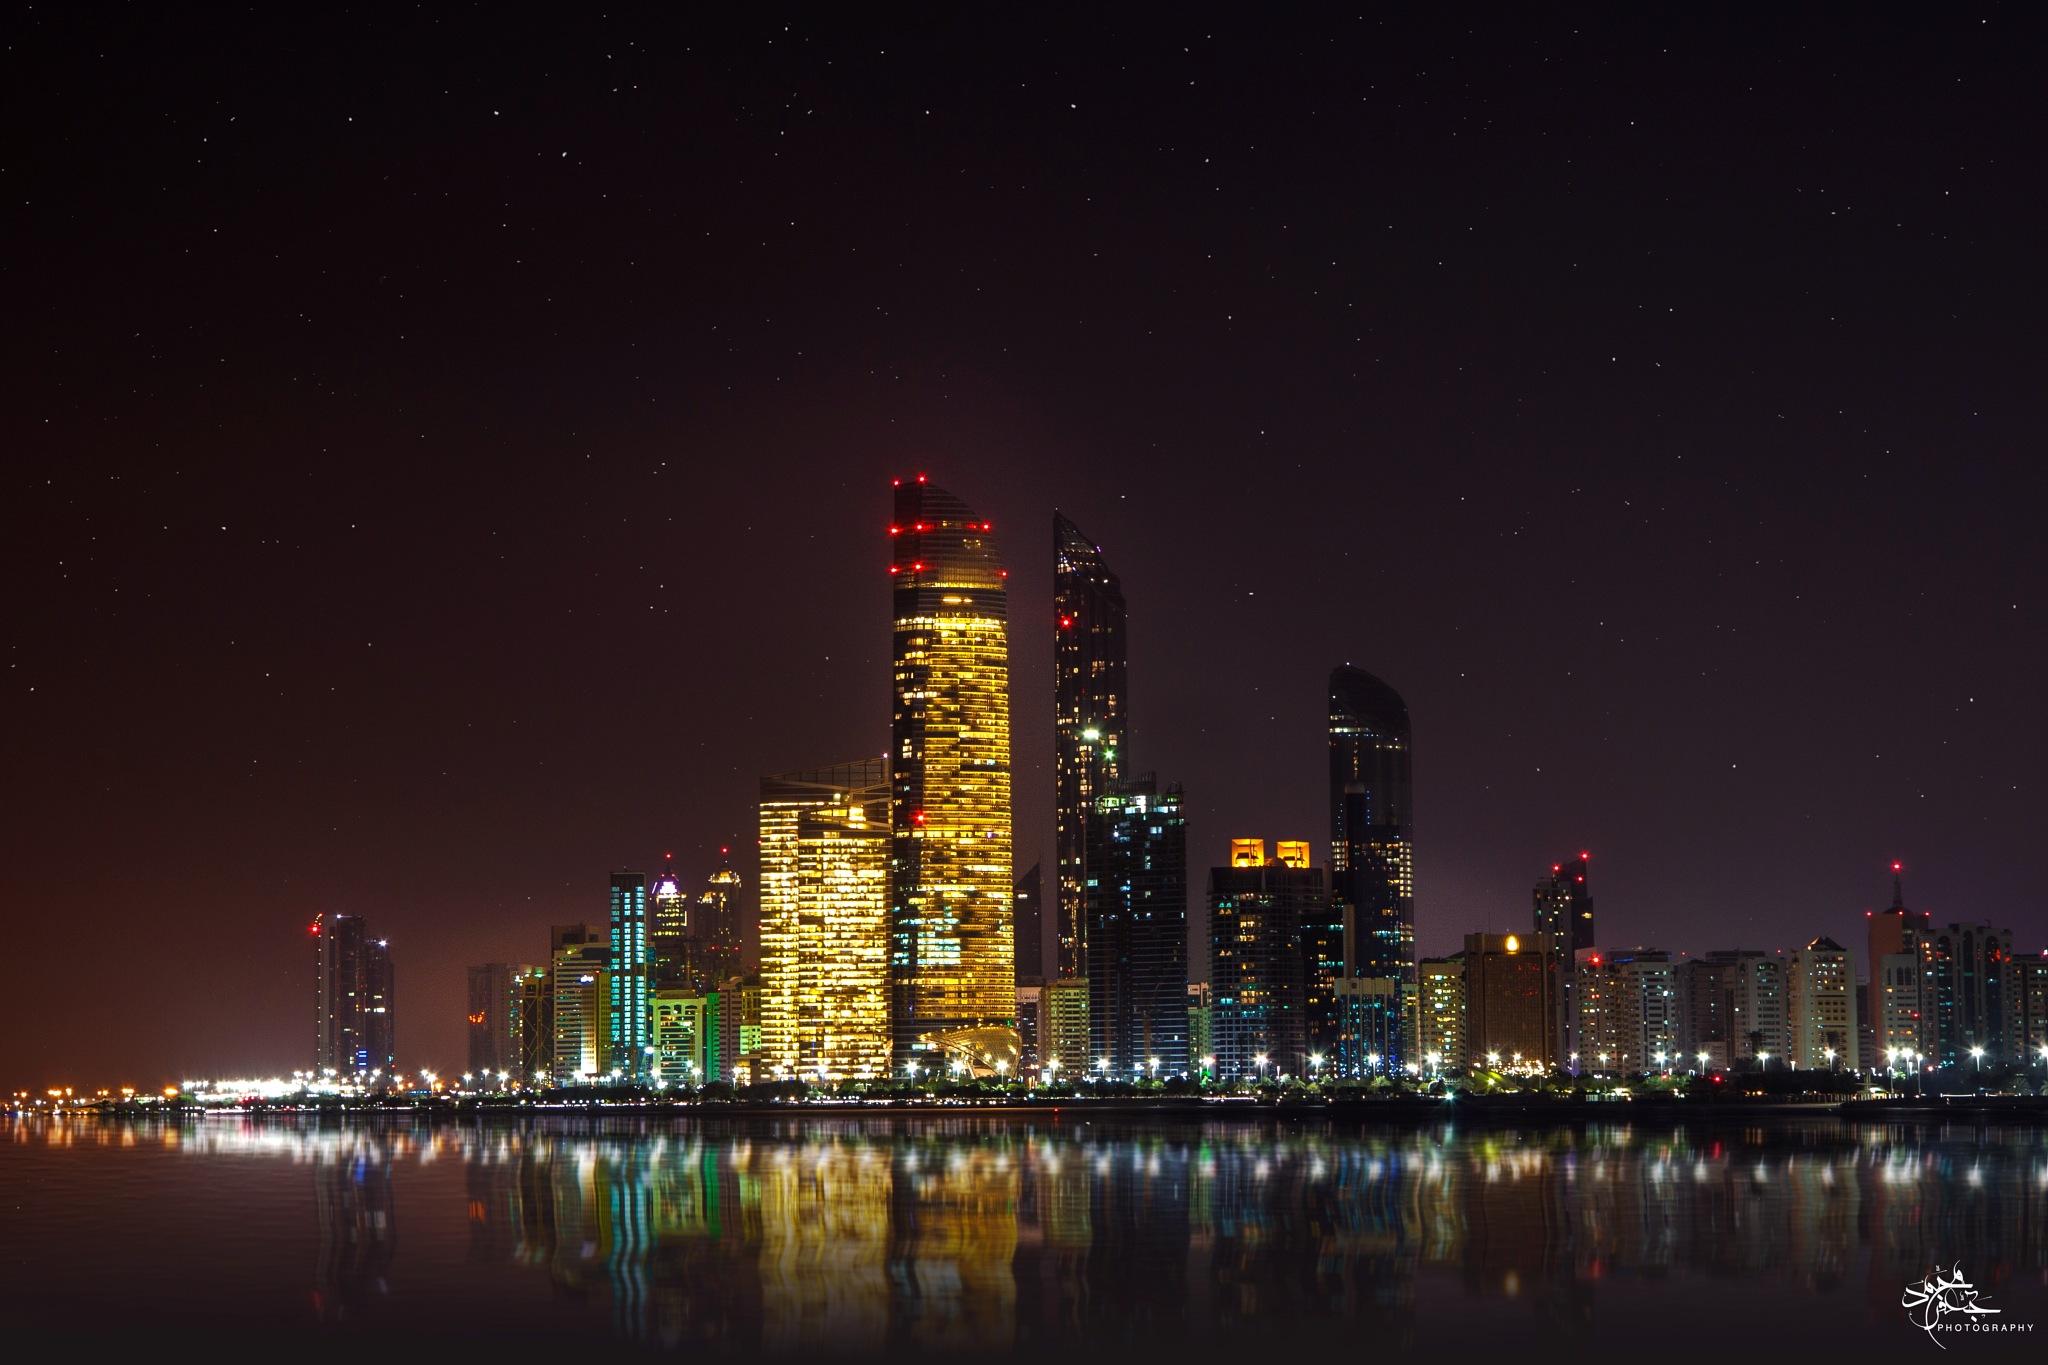 Abu dhabi skyline  by Mohamed gaafar